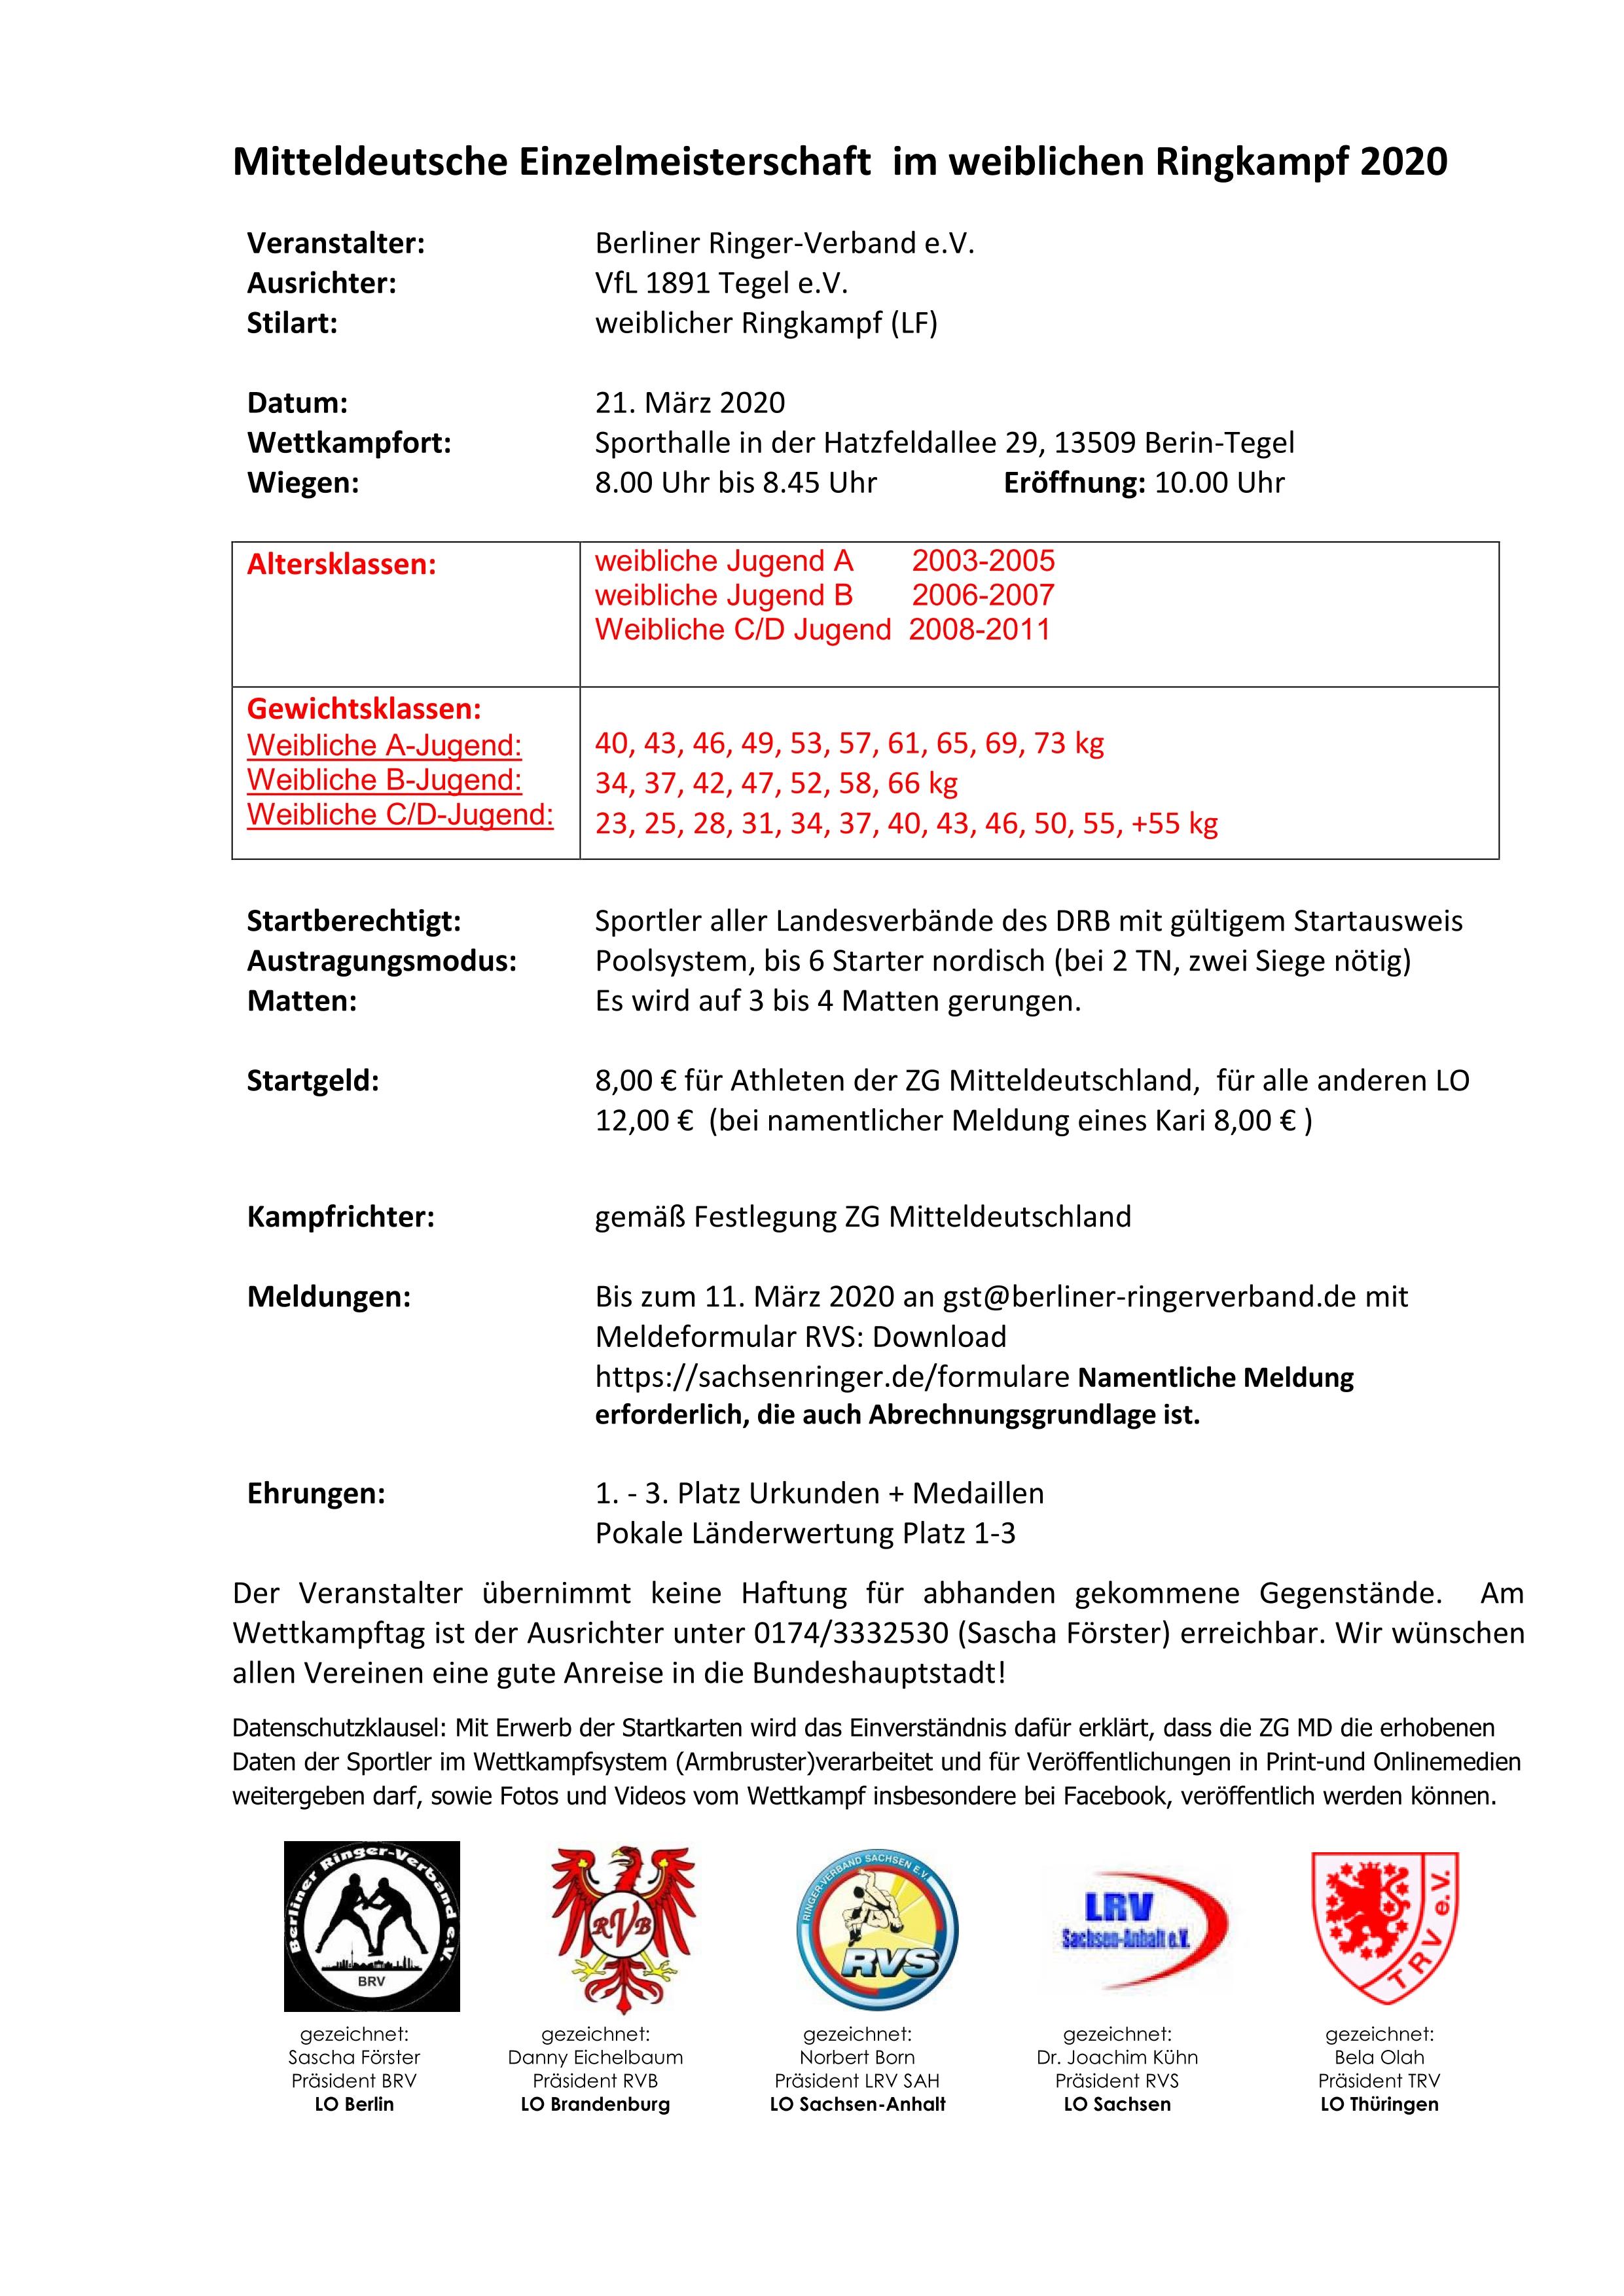 ABGESAGT! Mitteldeutsche Meisterschaften 2020 Weibliche Jugend A & B und weibliche Schüler